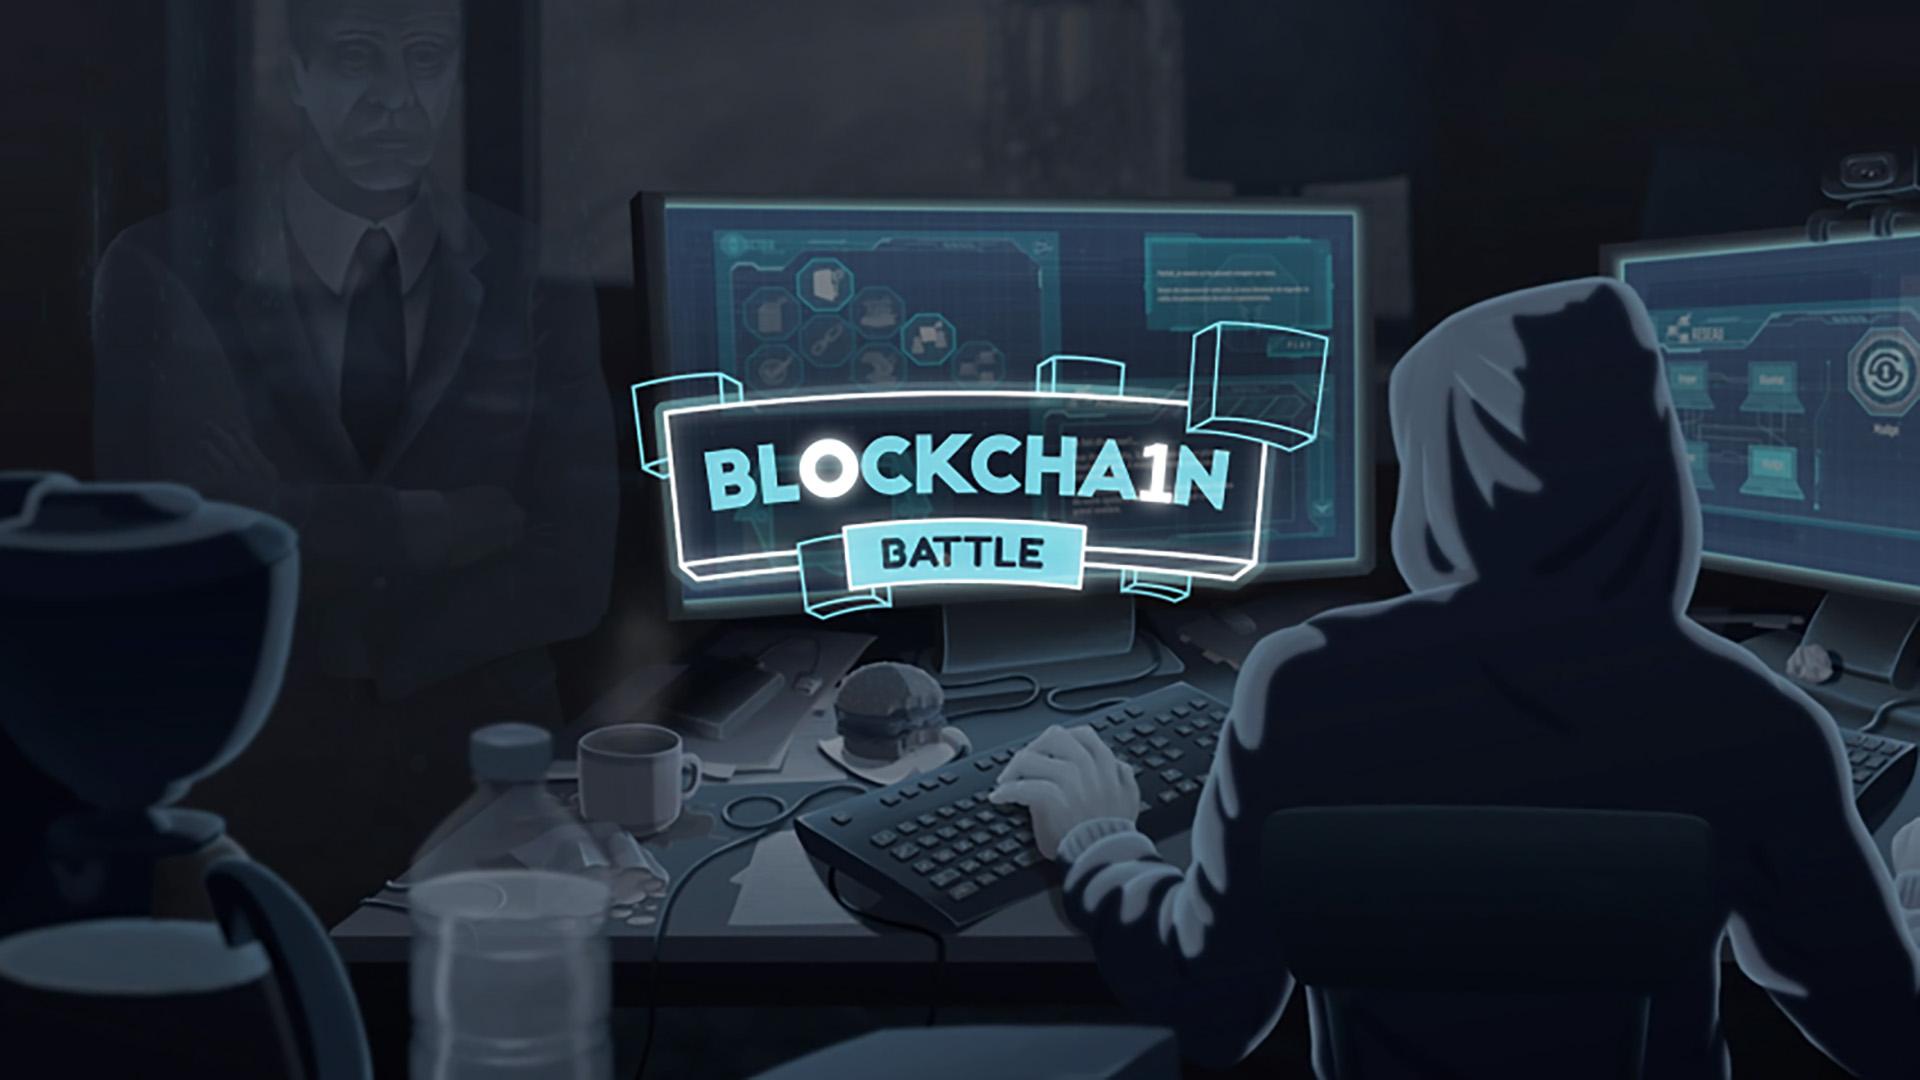 Blockchain Battle